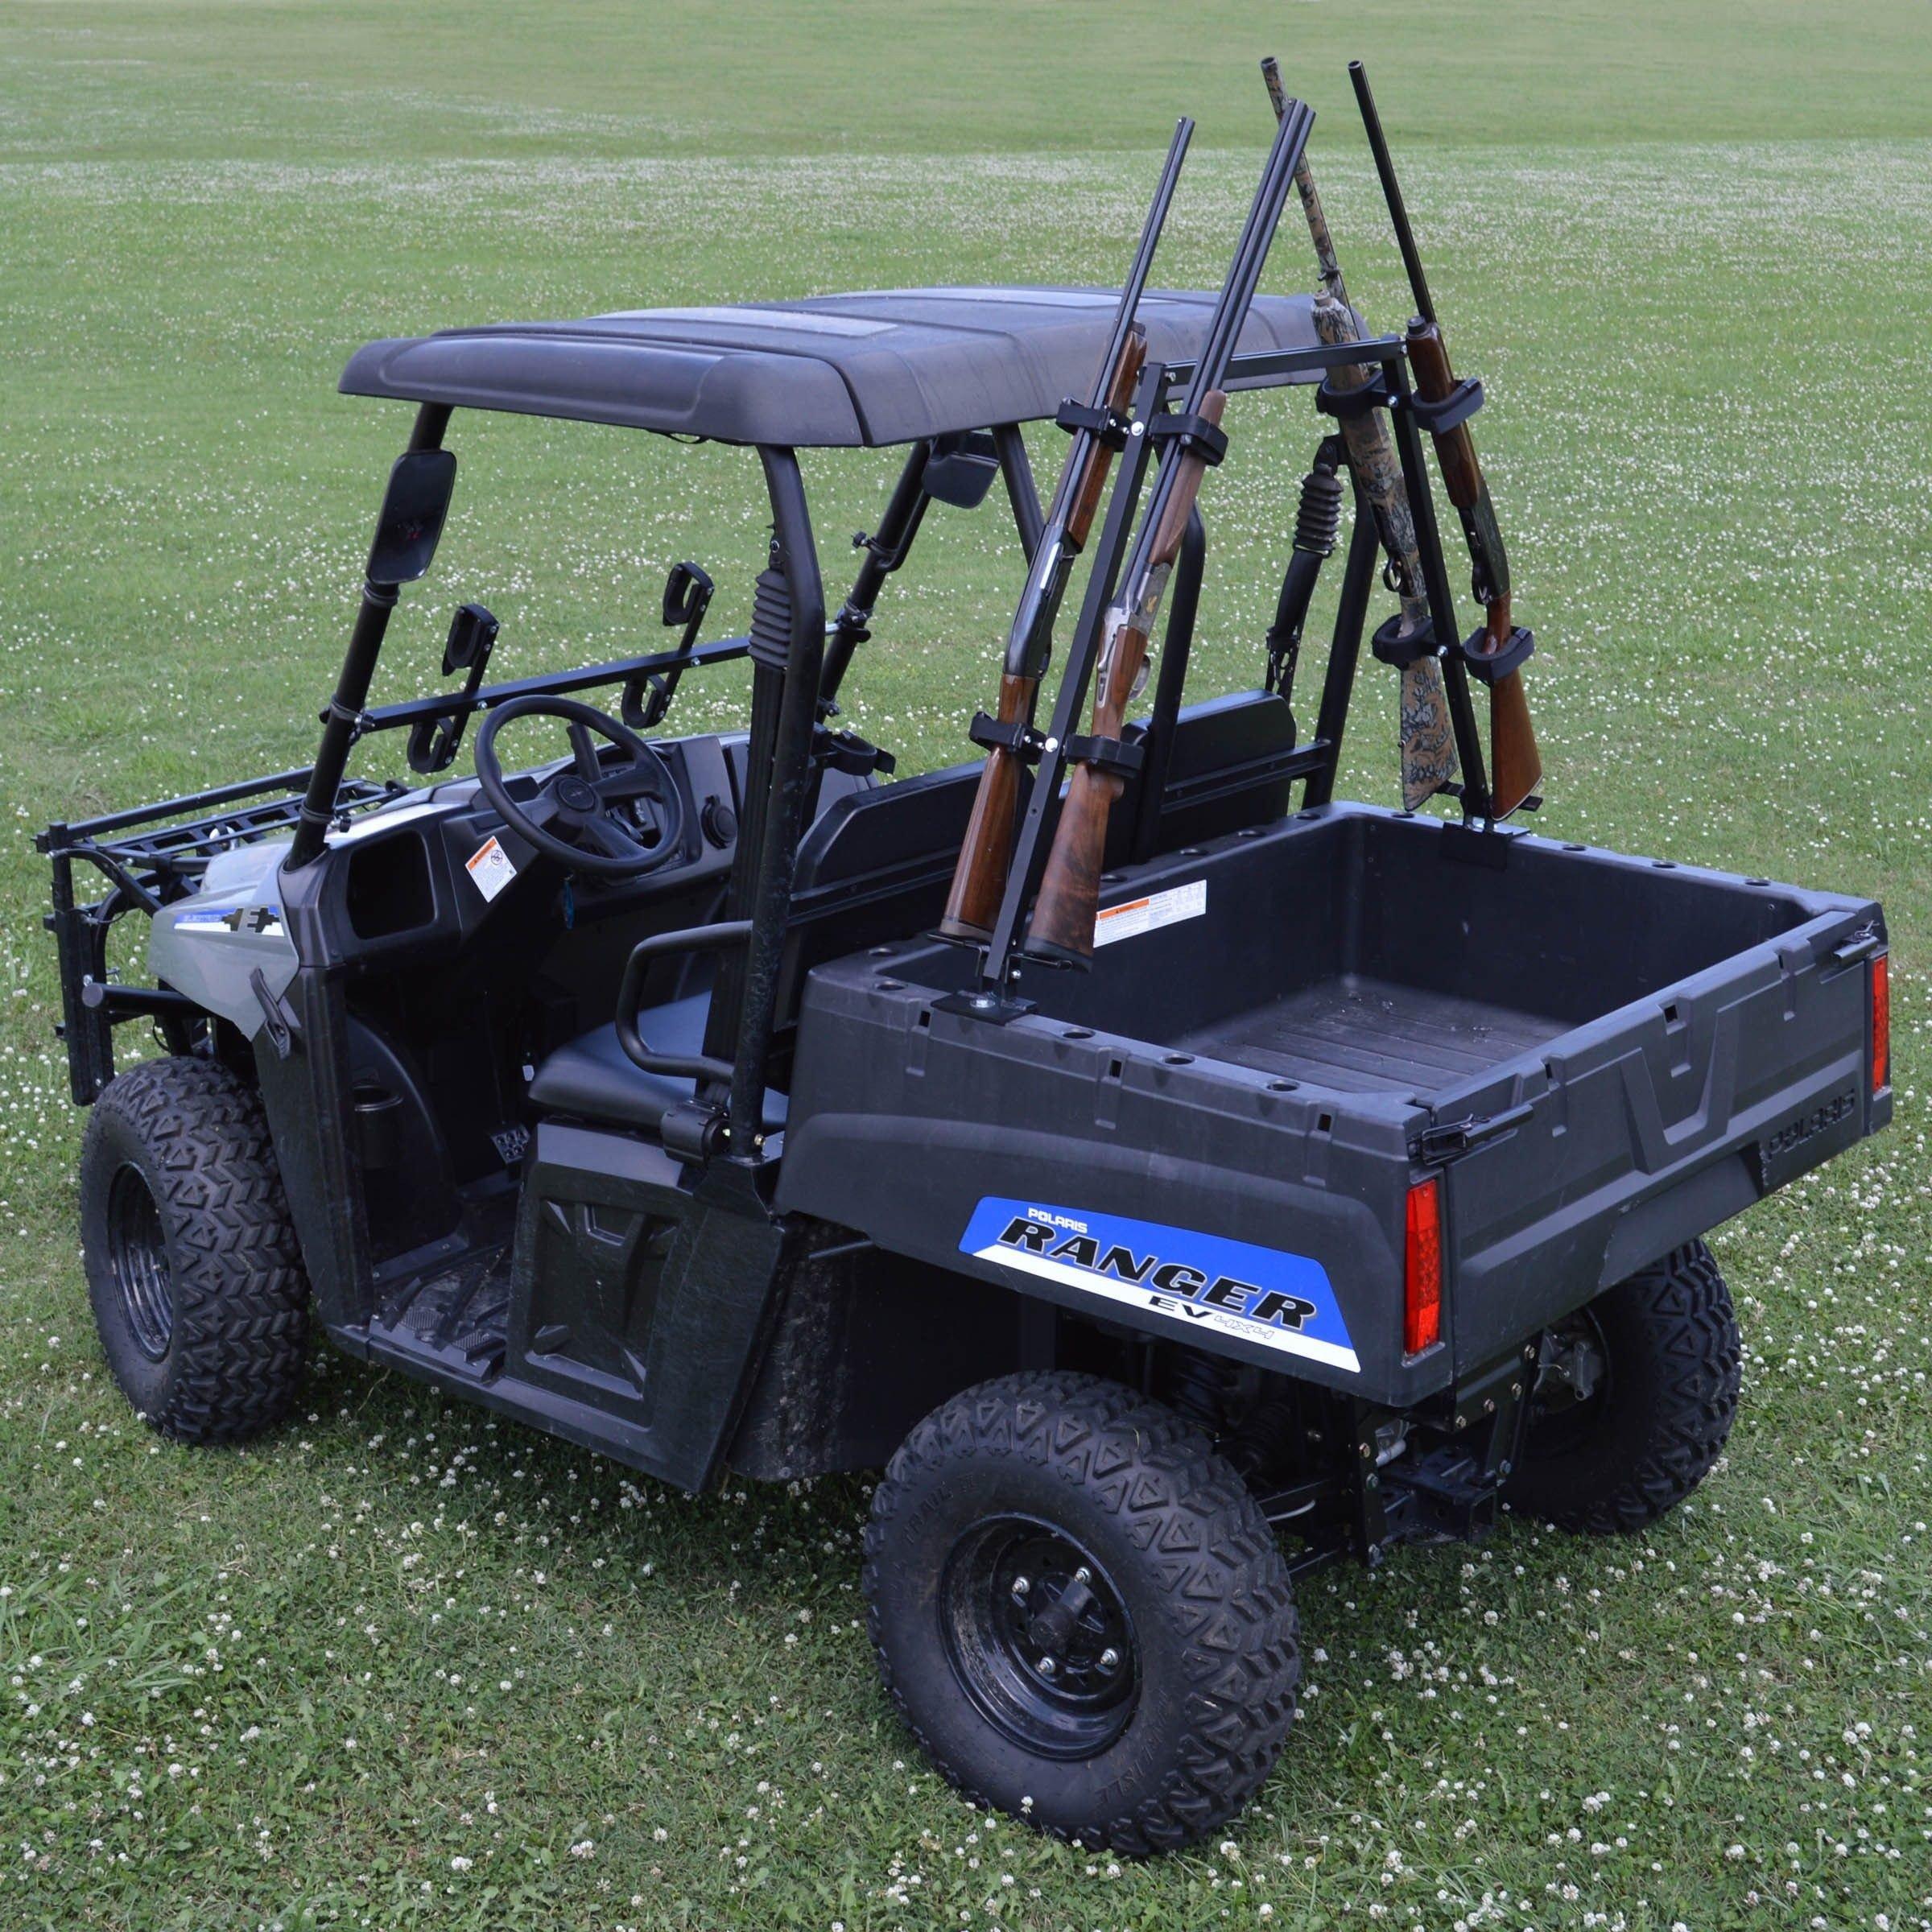 free polaris ranger gun rack sold